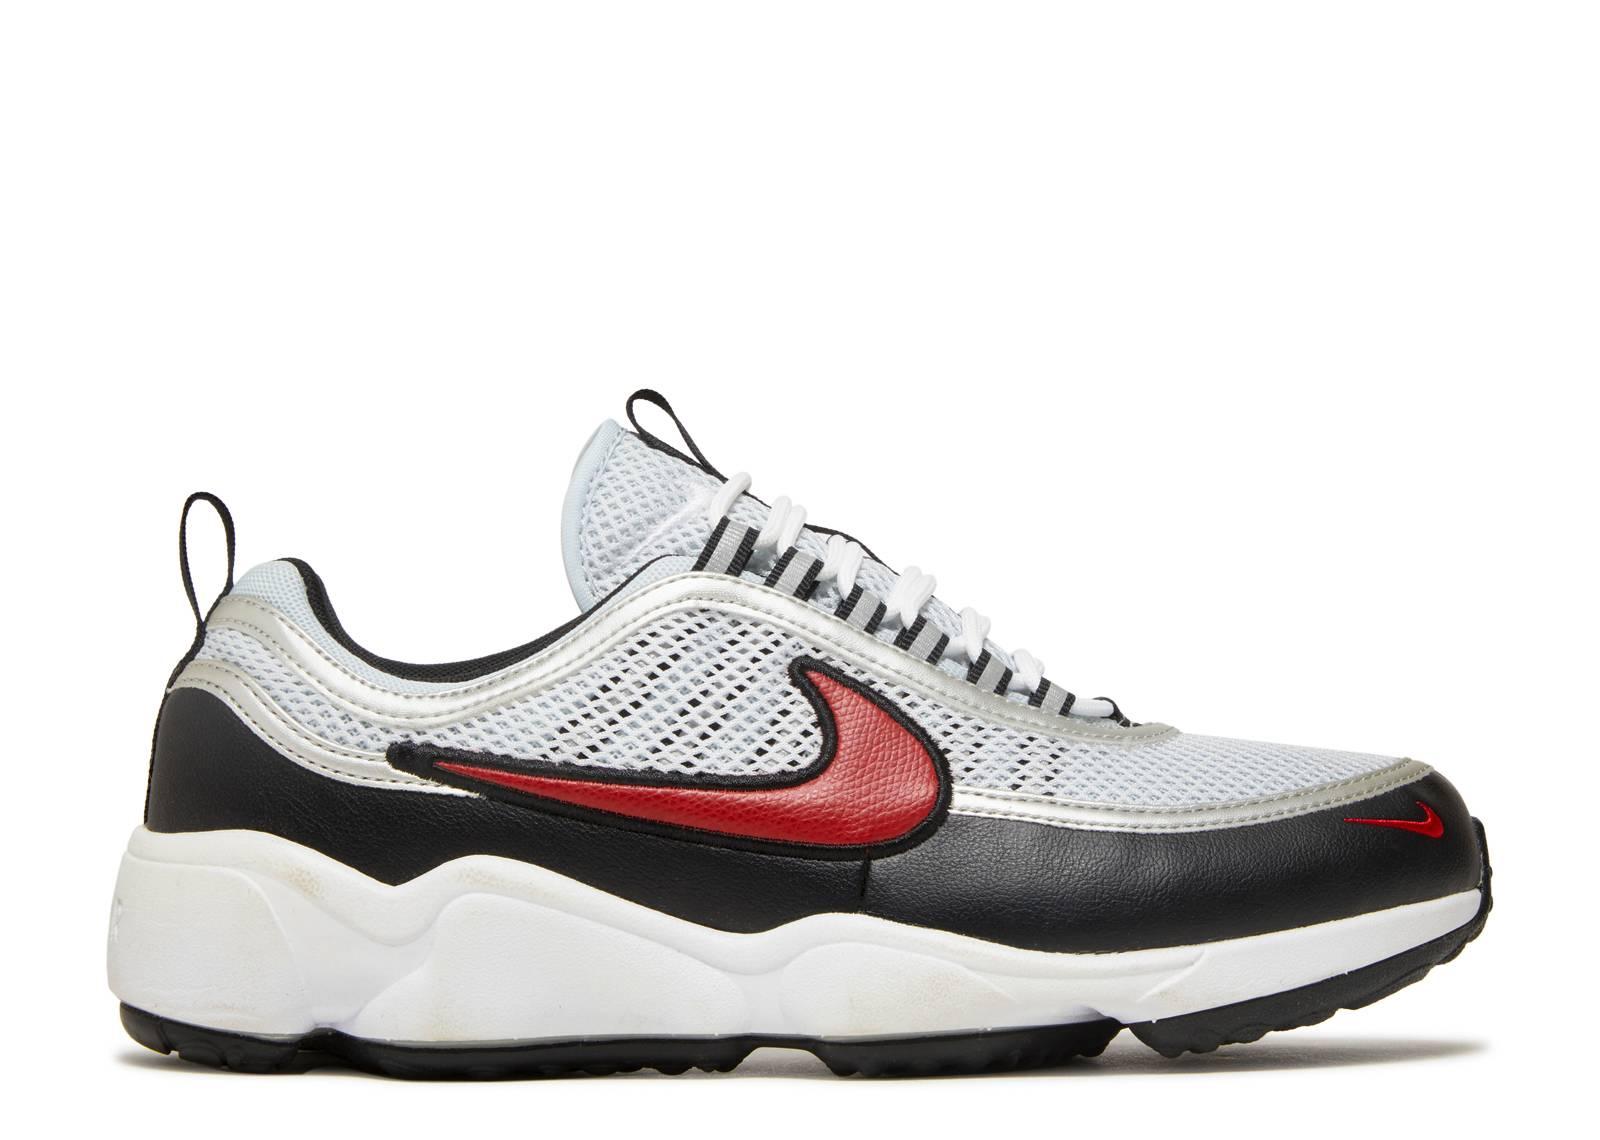 aed0182dbd294 Wmns Nike Air Zoom Spiridon